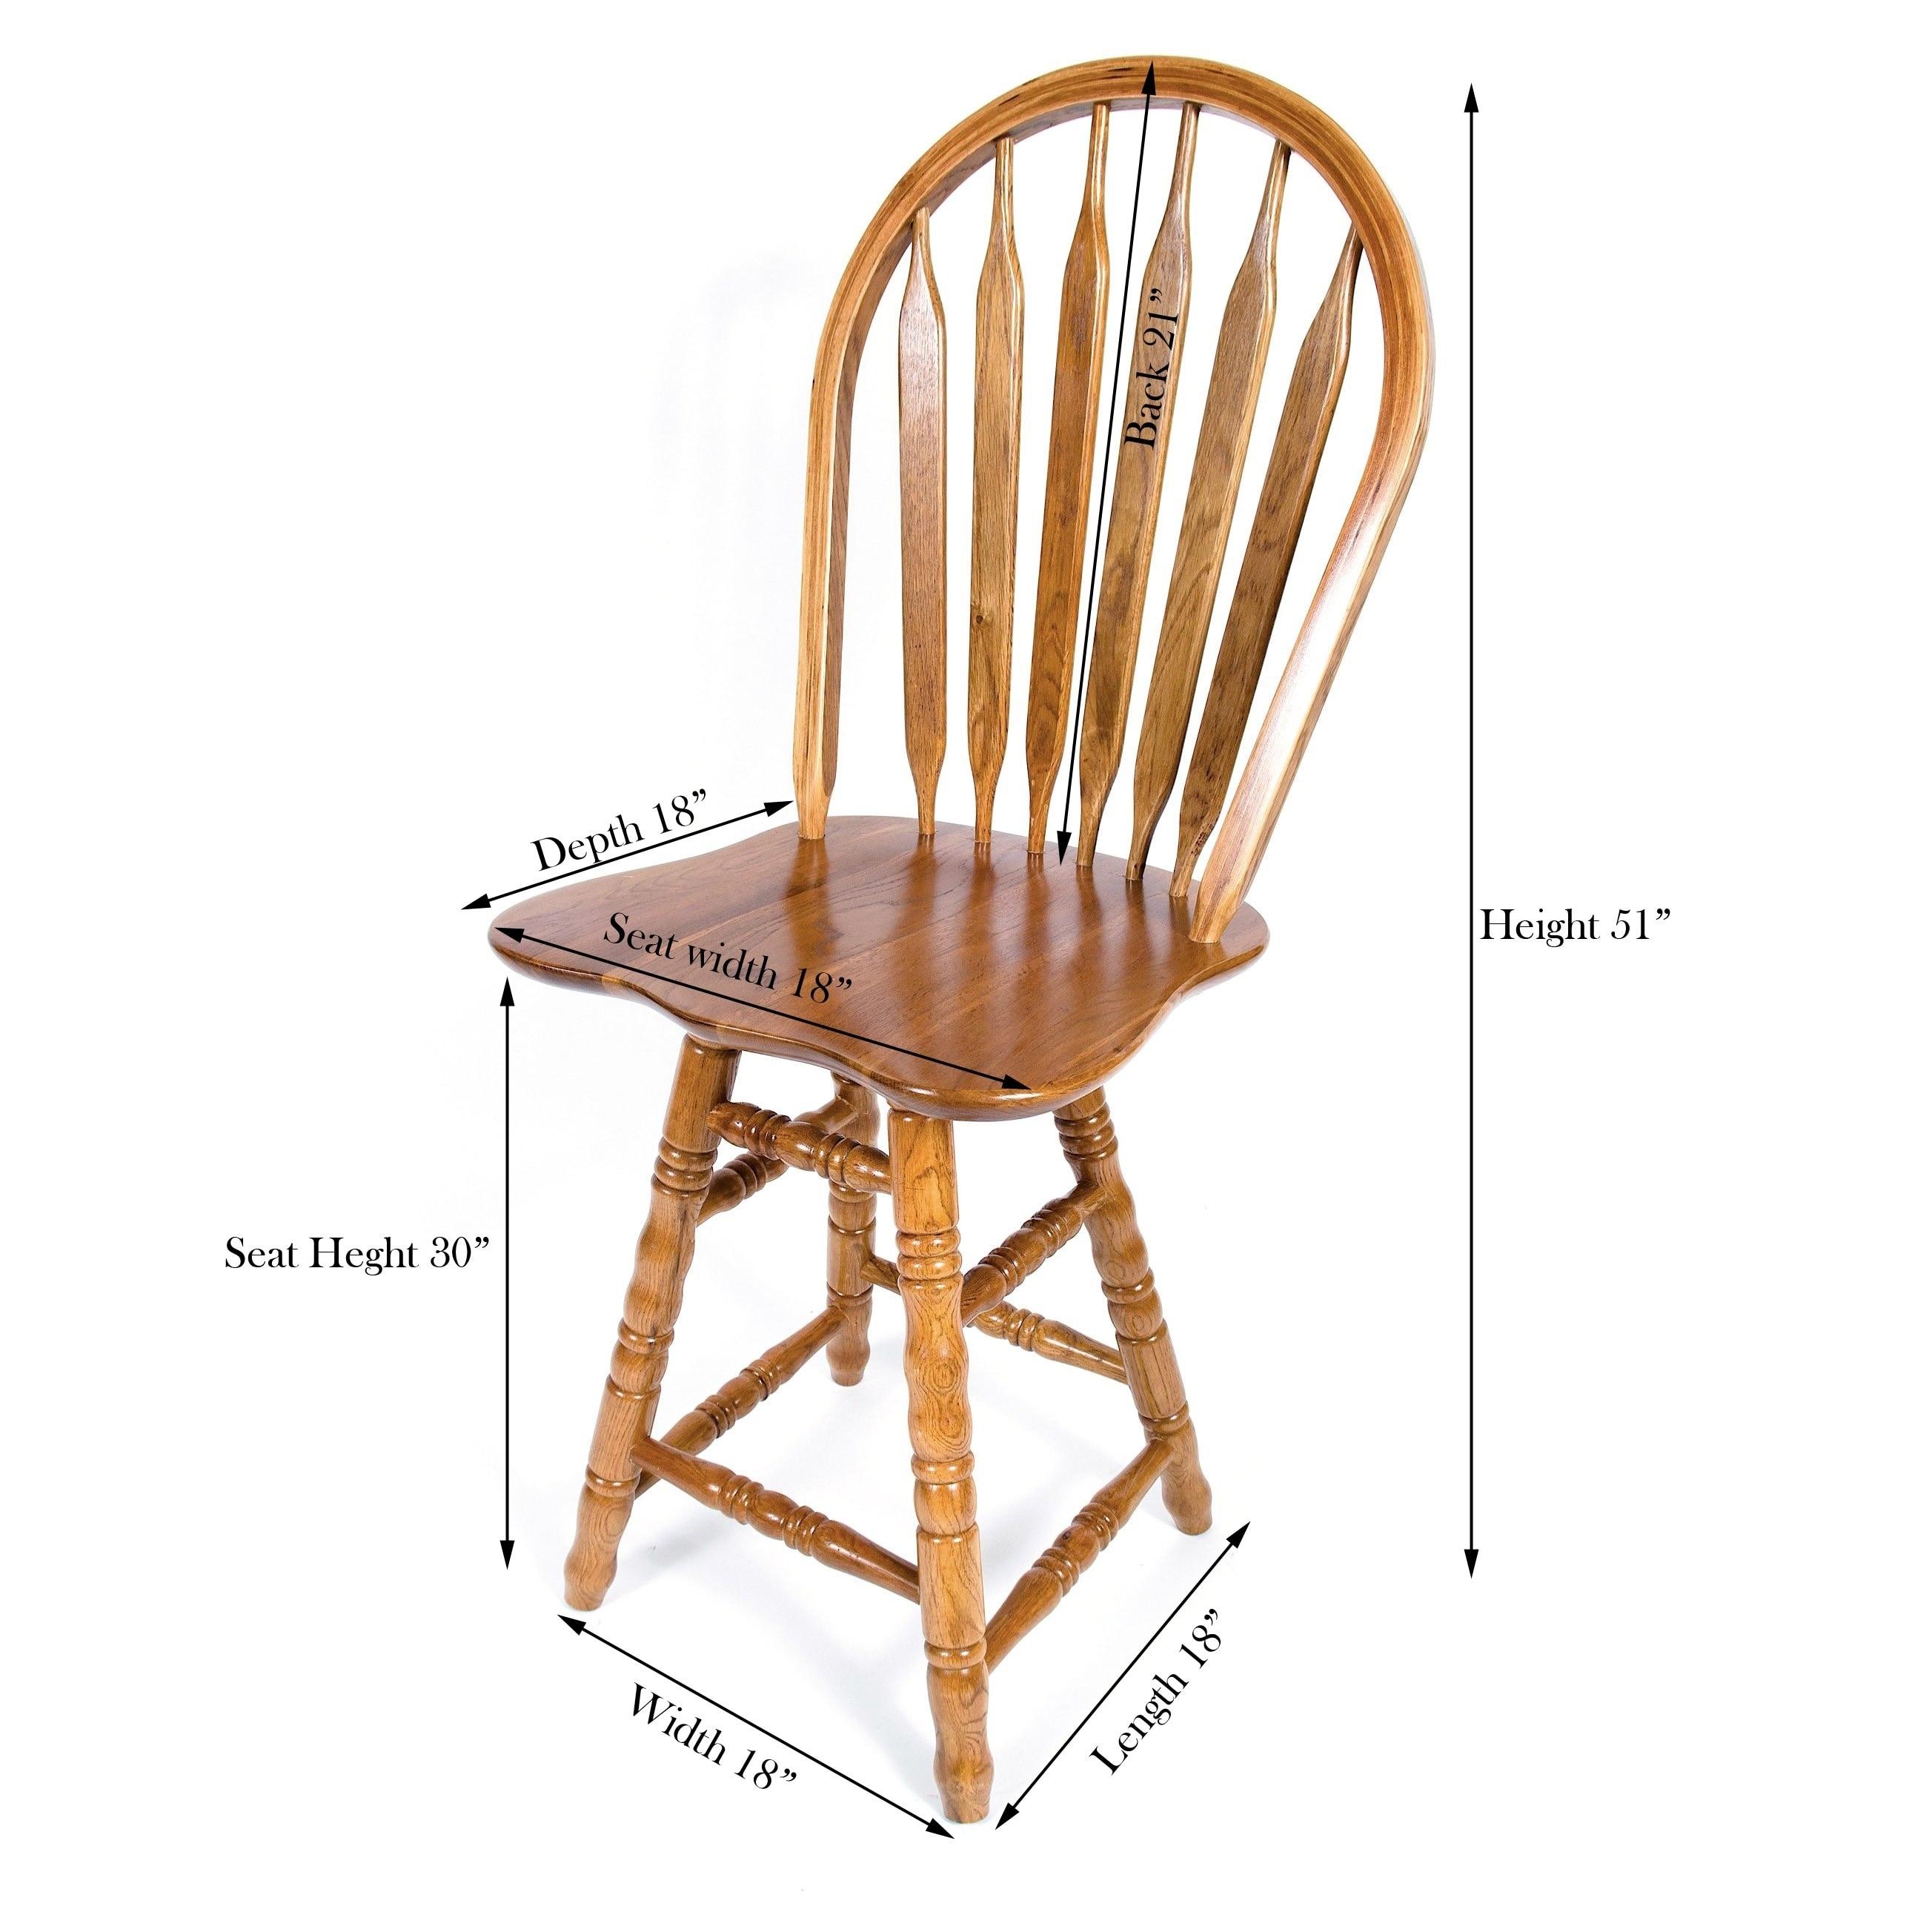 Swell Solid Medium Oak Arrow Back Swivel Turned Counter 24 Inch Bar Stool Frankydiablos Diy Chair Ideas Frankydiabloscom